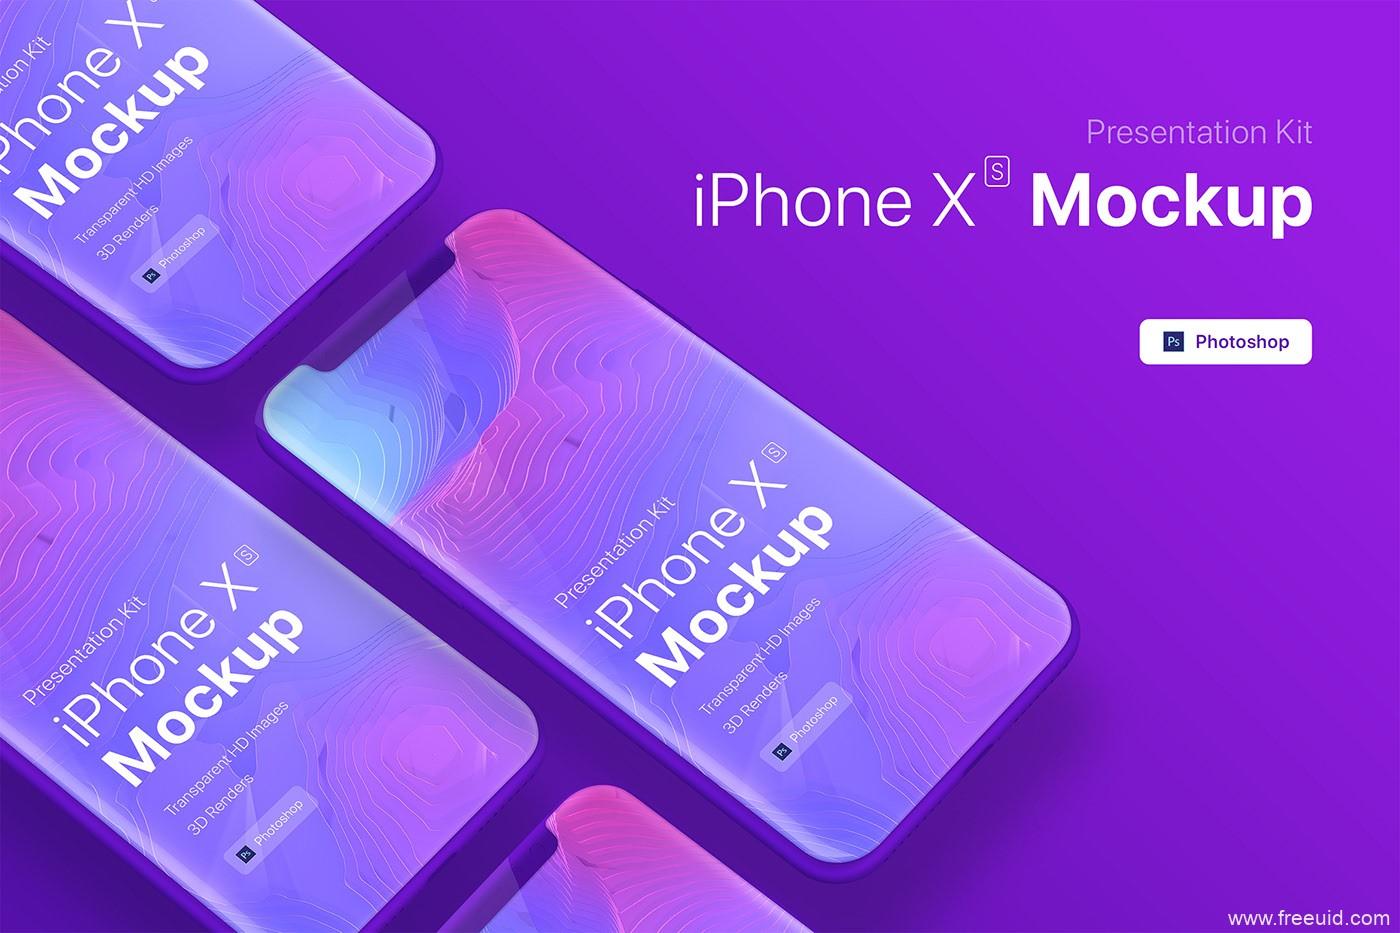 高端iPhone 手机模板样机源文件,iPhone xs样机psd源文件